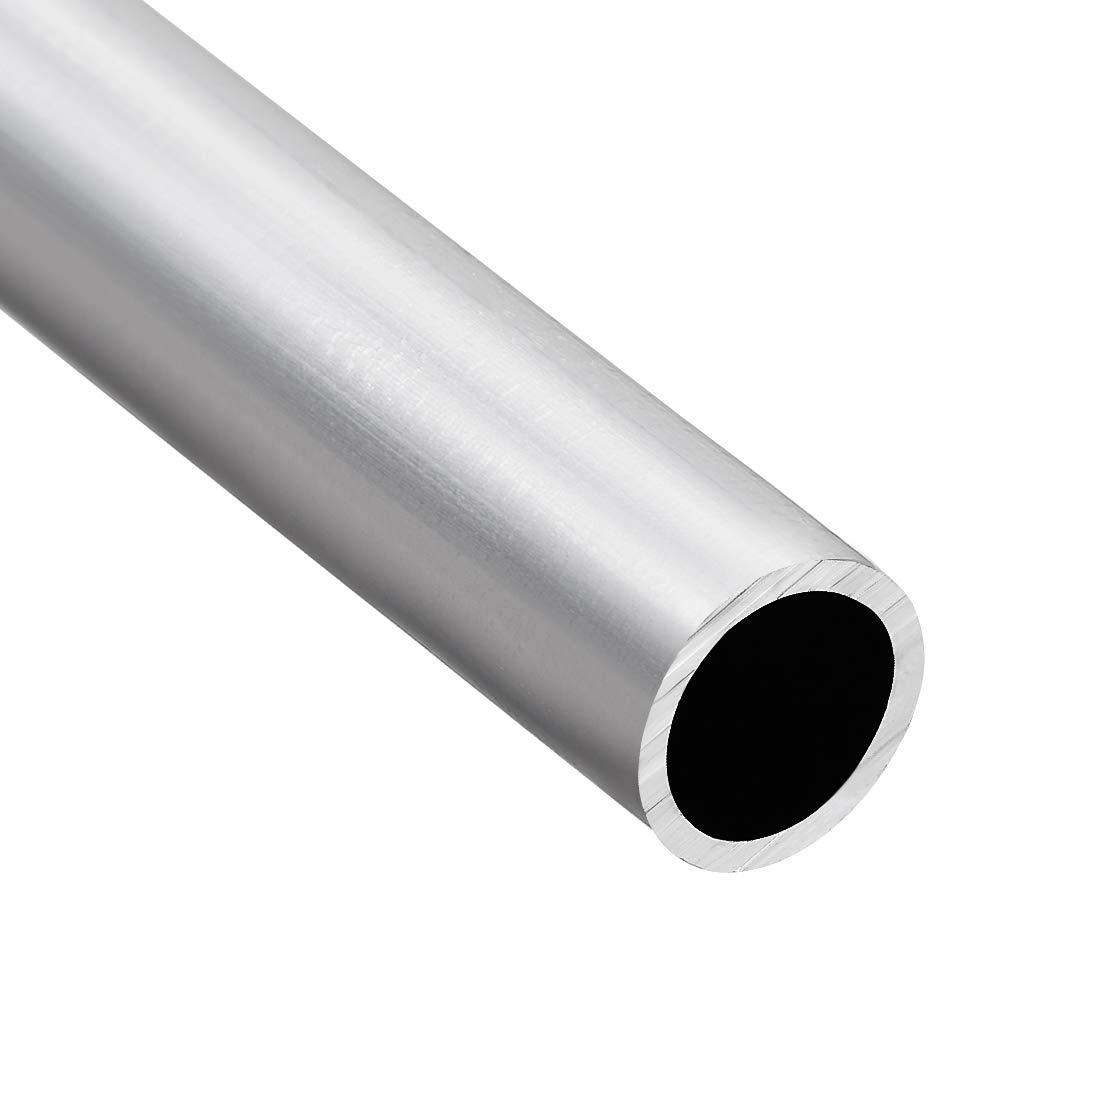 6063 Aluminum Round Tube 300mm Length 13mm OD 9mm Inner Dia Seamless Tubing